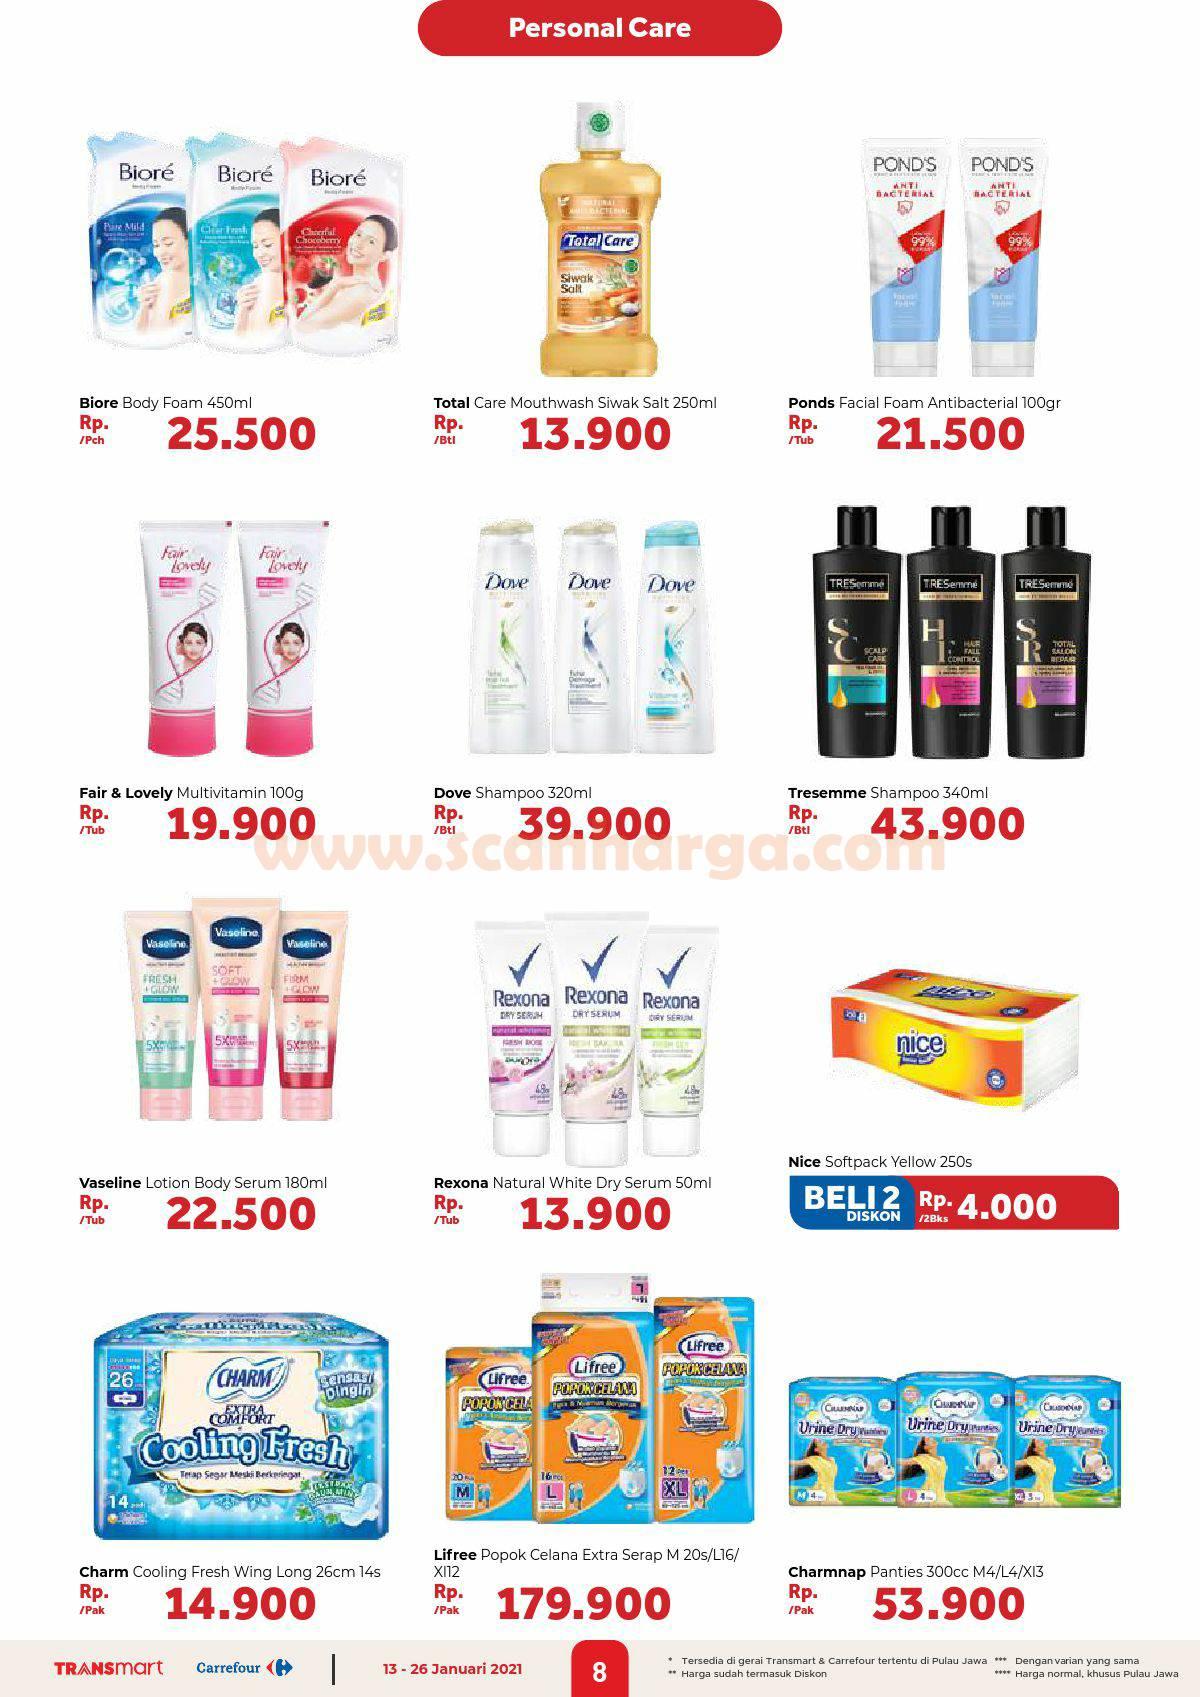 Katalog Promo Carrefour Transmart 13 - 26 Januari 2021 8